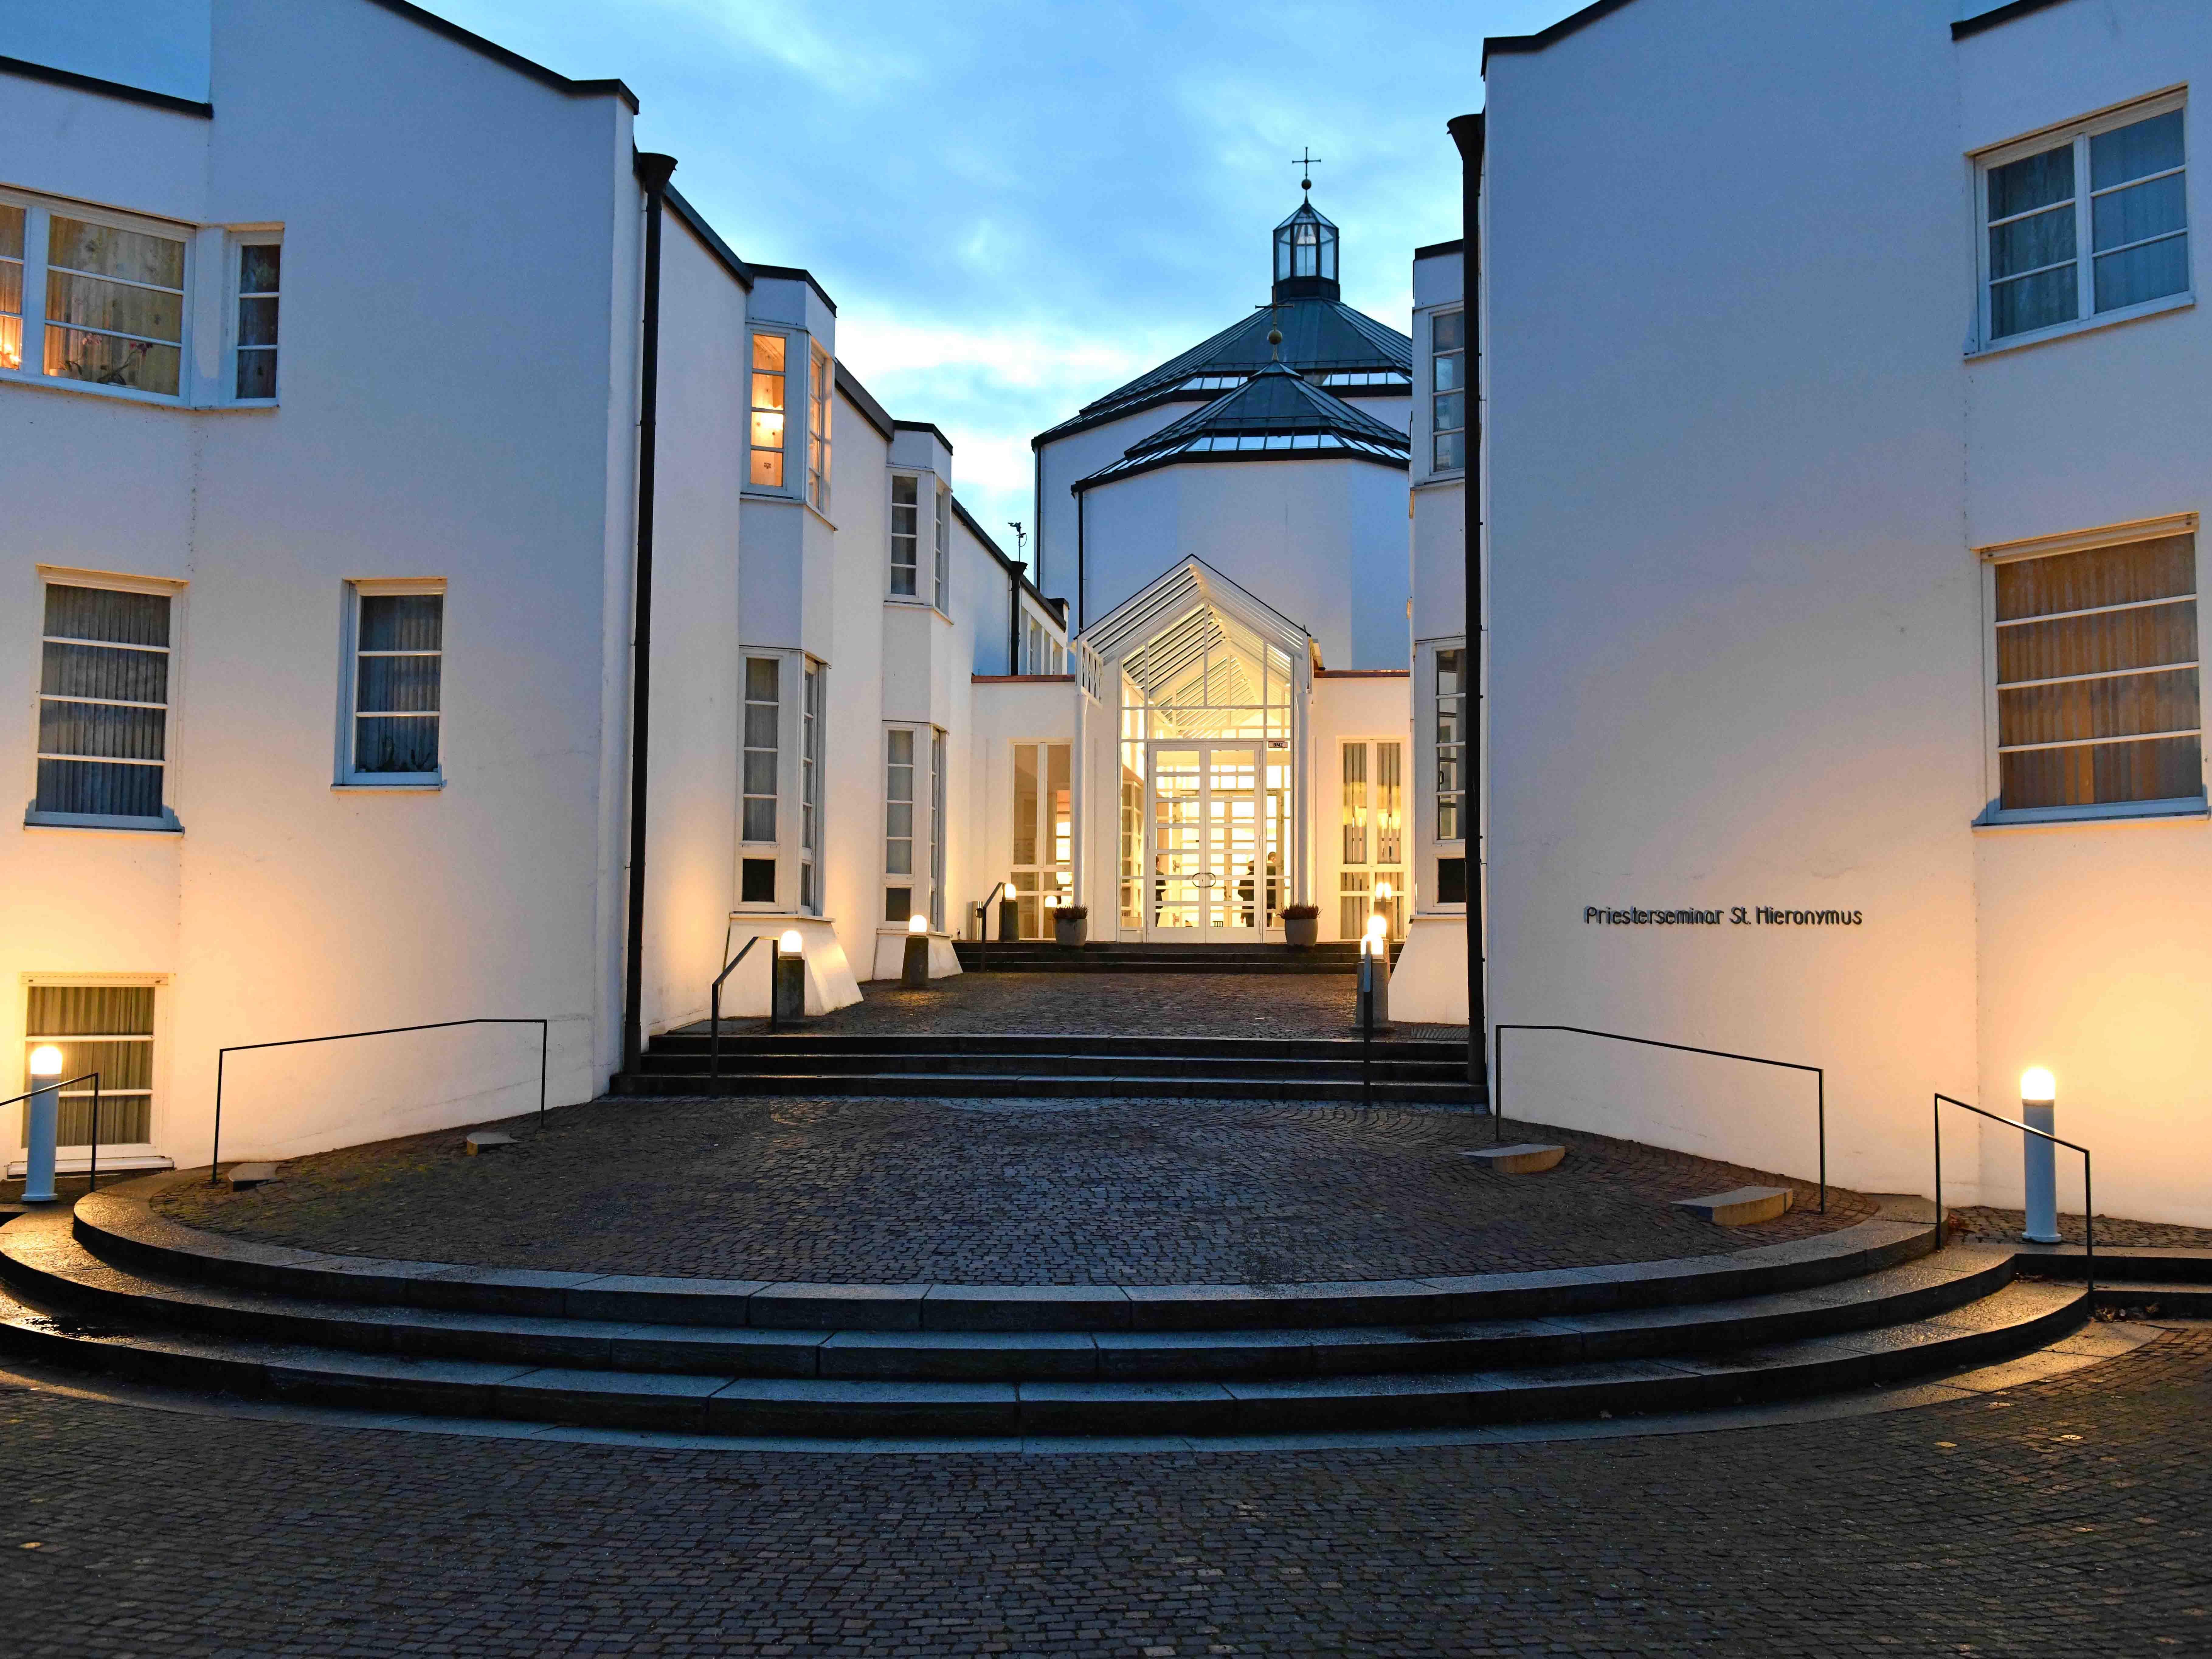 Das Priesterseminar St. Hieronymus in Augsburg entstand in den Jahren 1982 bis 1986 ebenfalls nach von Brancas Entwürfen. (Foto: Nicolas Schnall / pba)